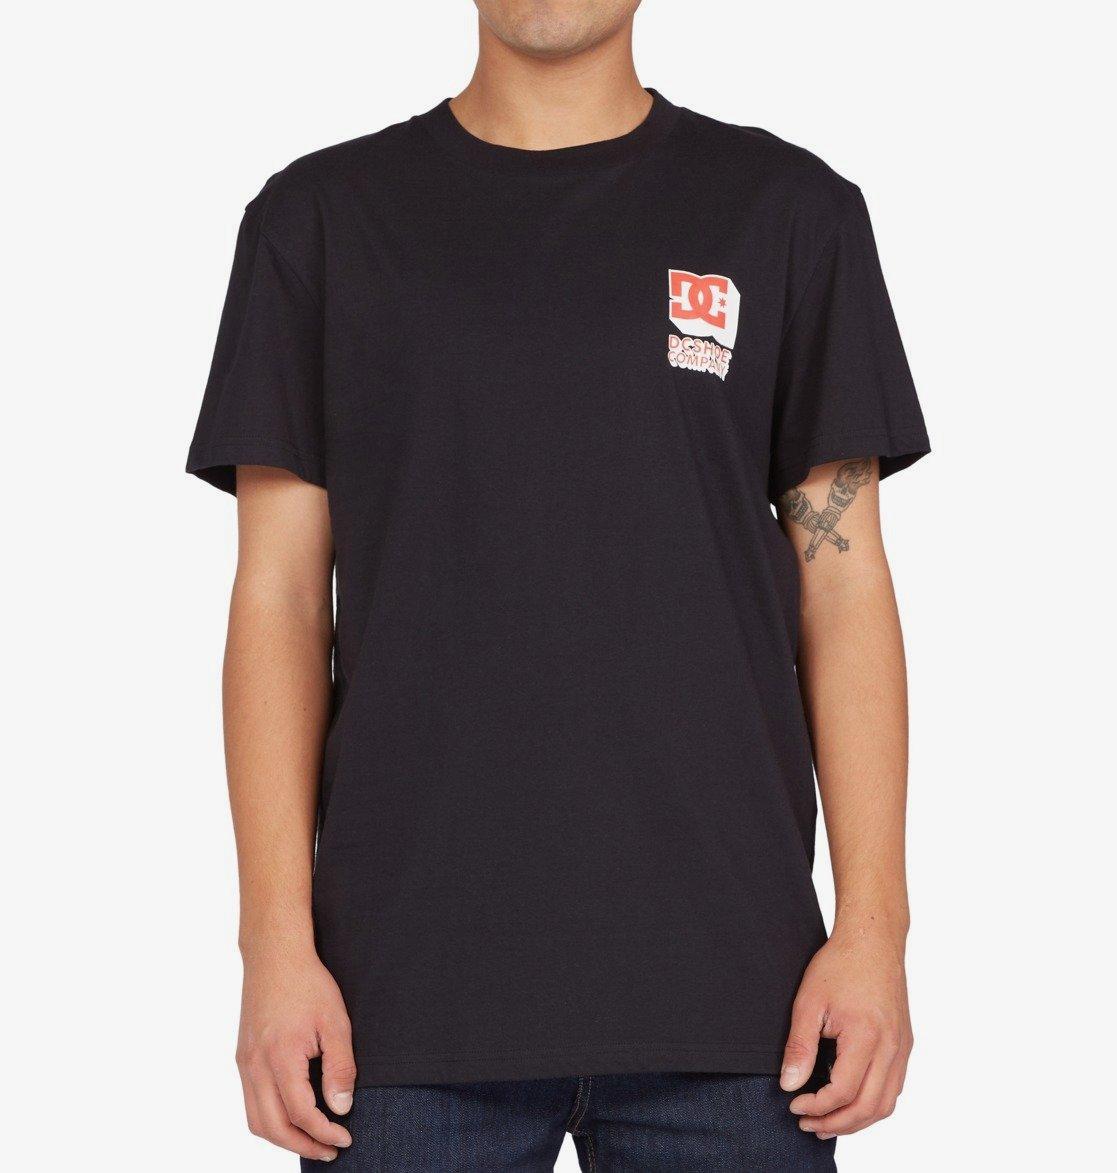 DC tričko Company Goods Tss black Velikost: S